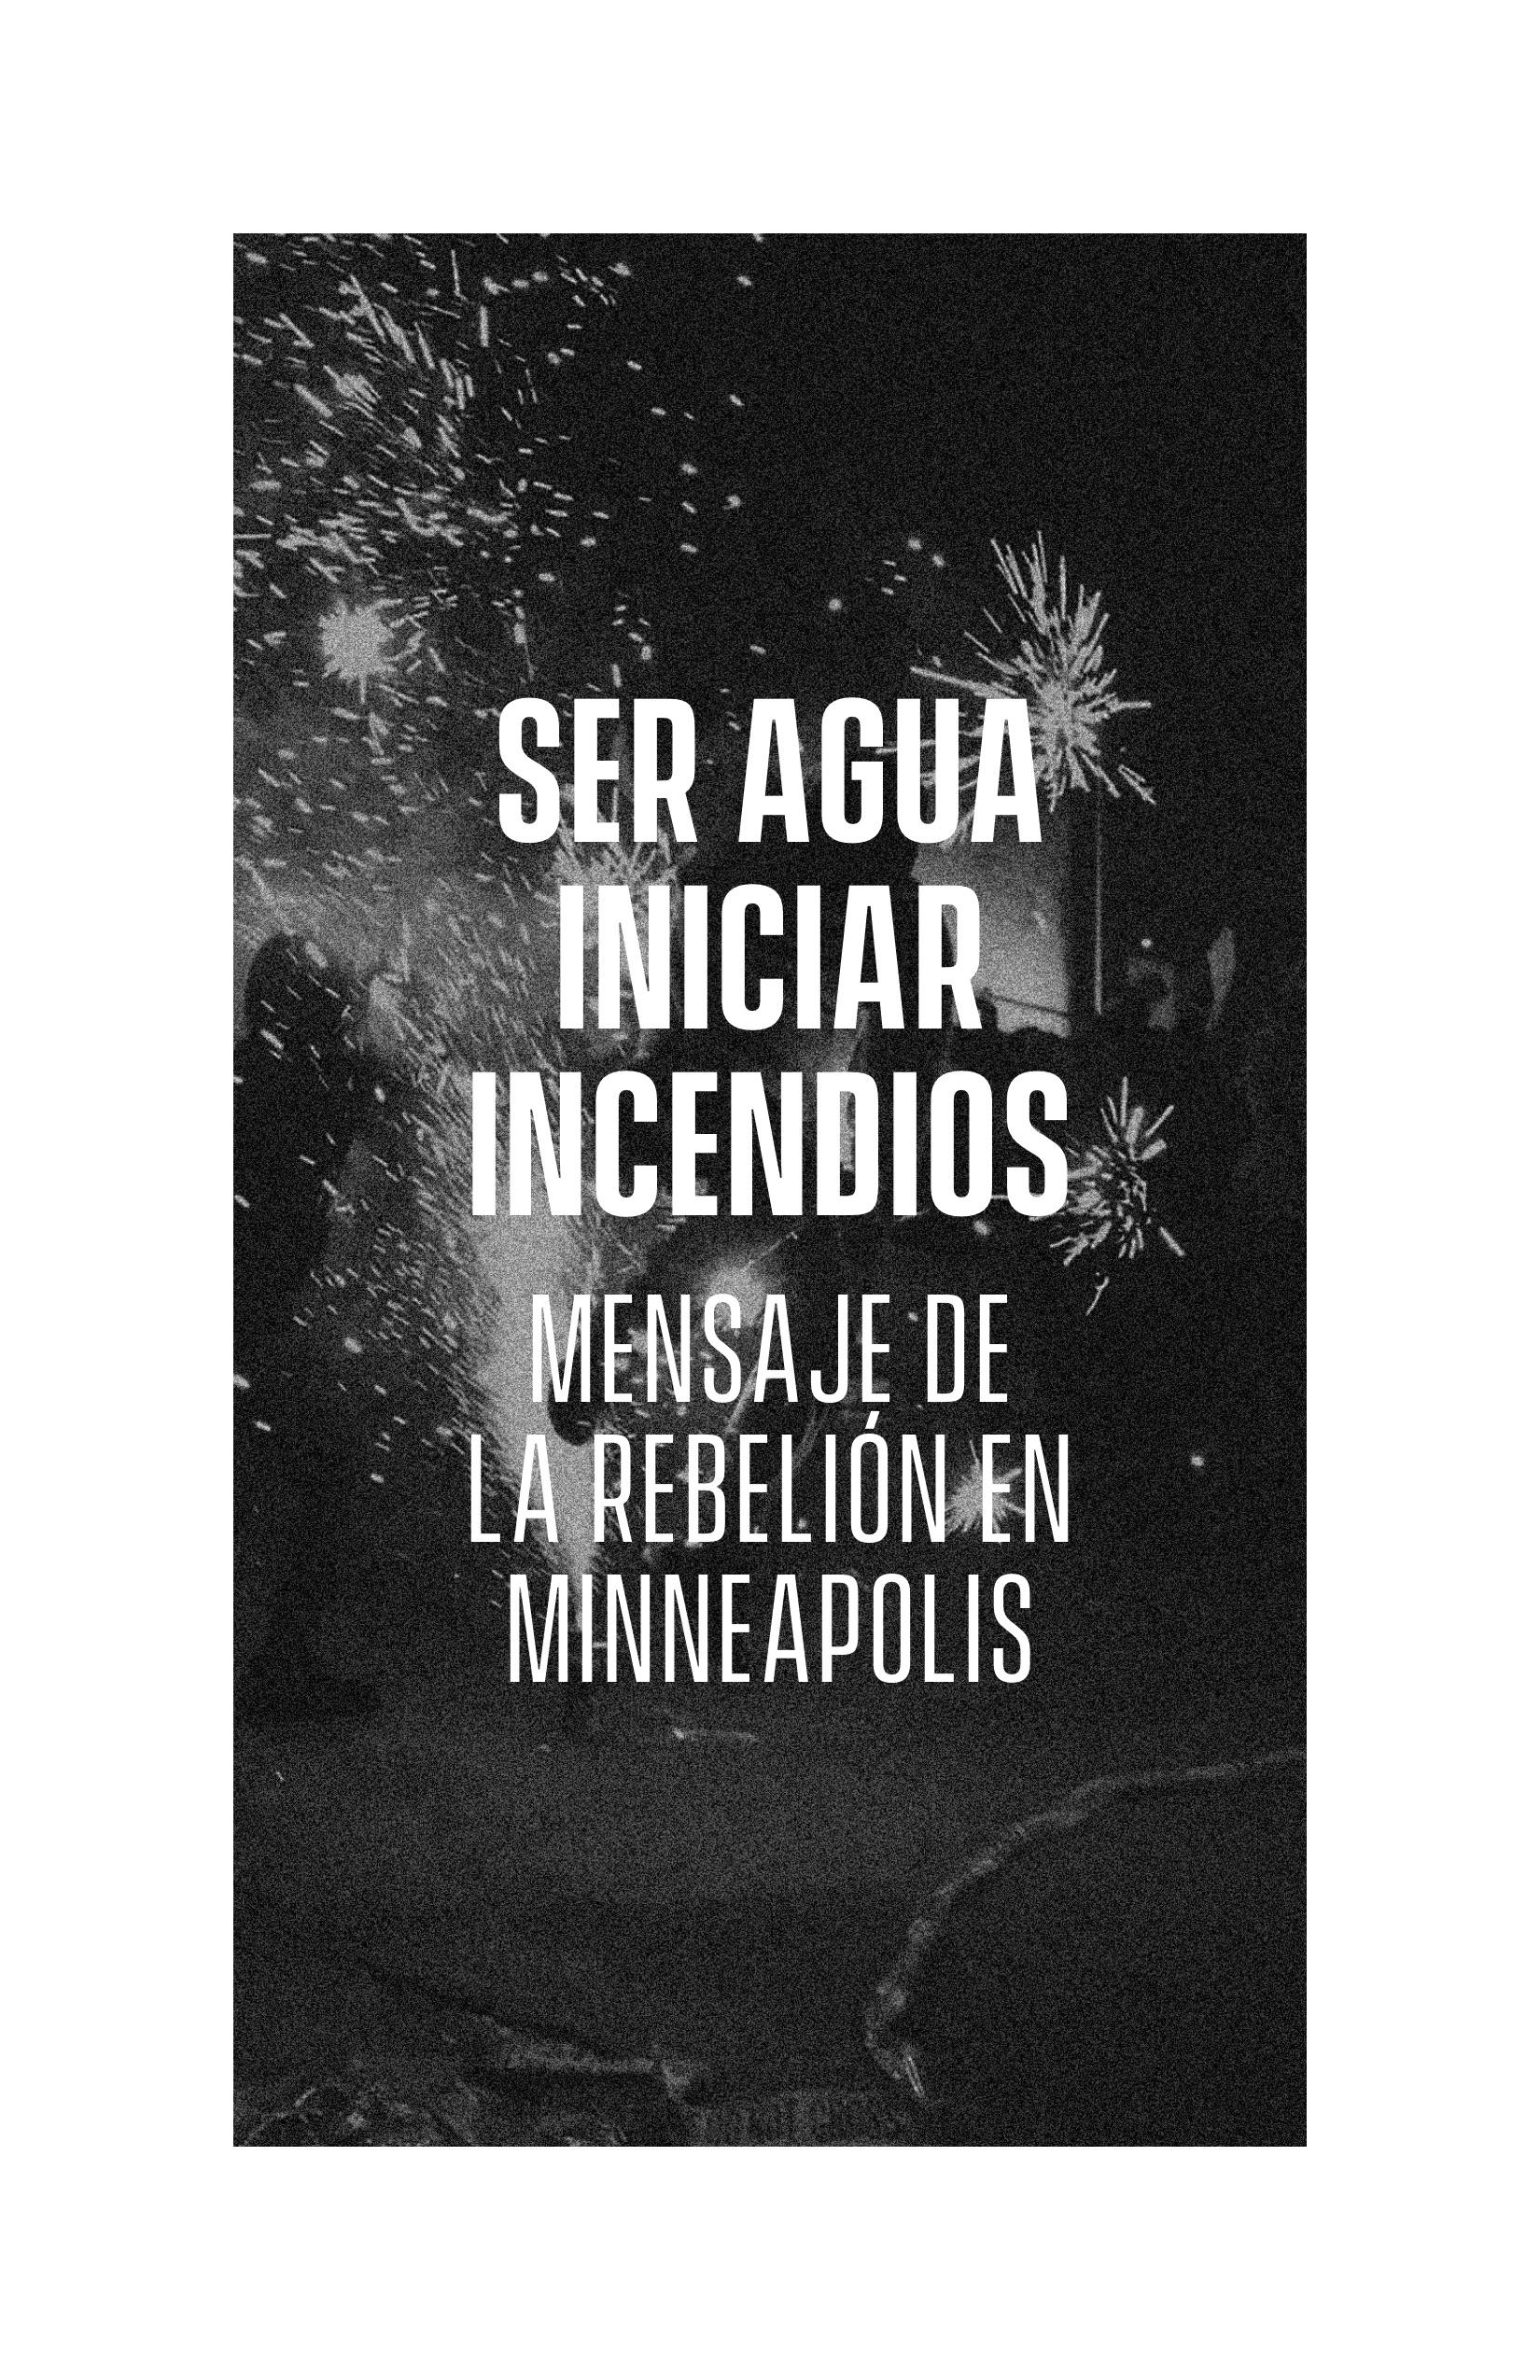 Cover Image for Ser Agua Iniciar Incendios – Mensaje de la rebelión en Minneapolis